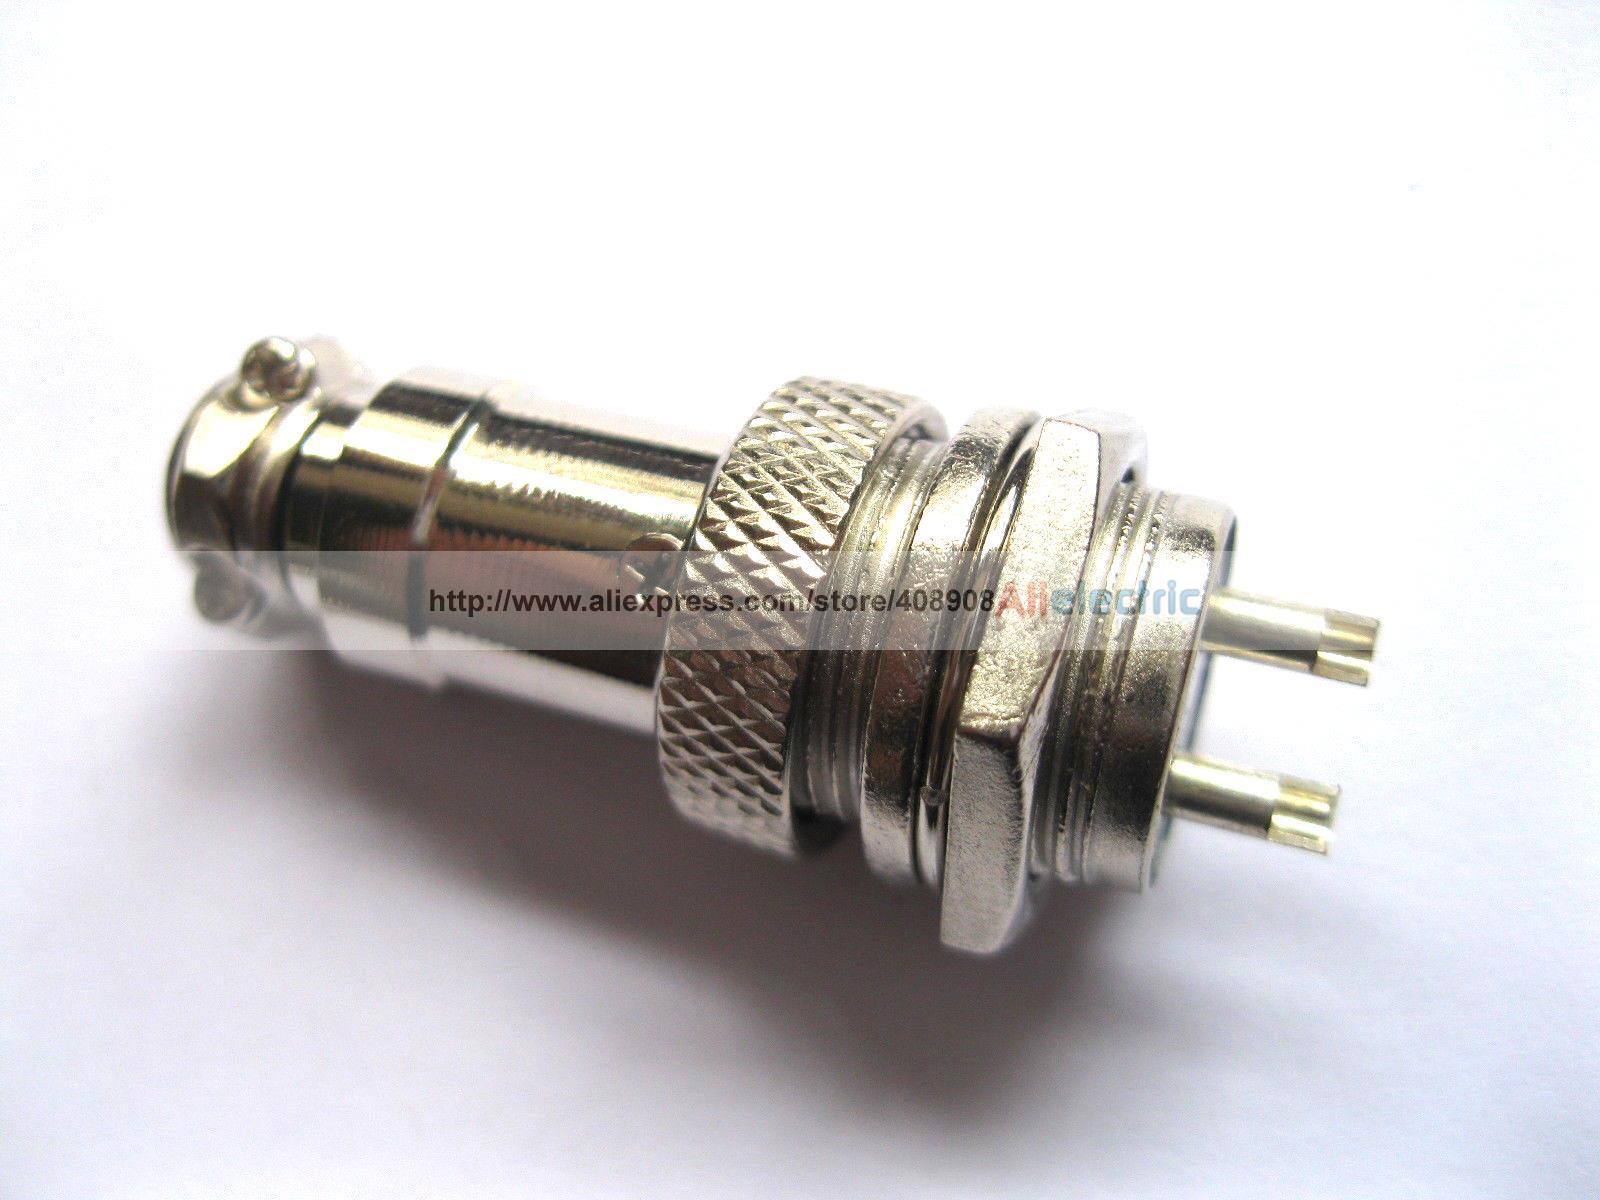 Großhandel 20 Stück Xlr 16mm 2 Pin Audio Kabelstecker Chassis Mount ...